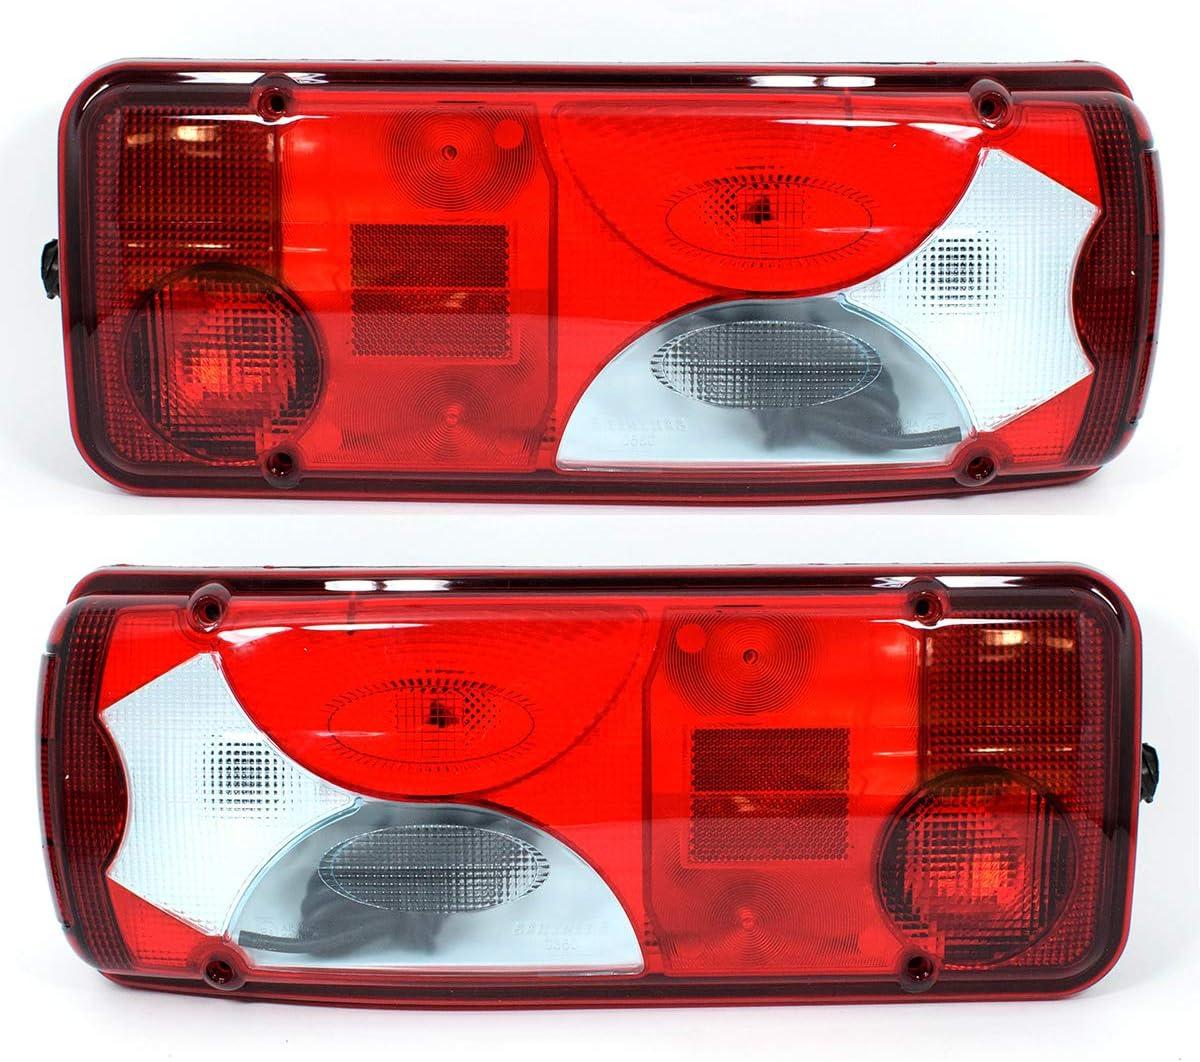 2x 12v 24v Rücklicht Rückleuchte Heckleuchte Lkw Pritsche Anhänger Sattelschlepper Fahrgestell Auto